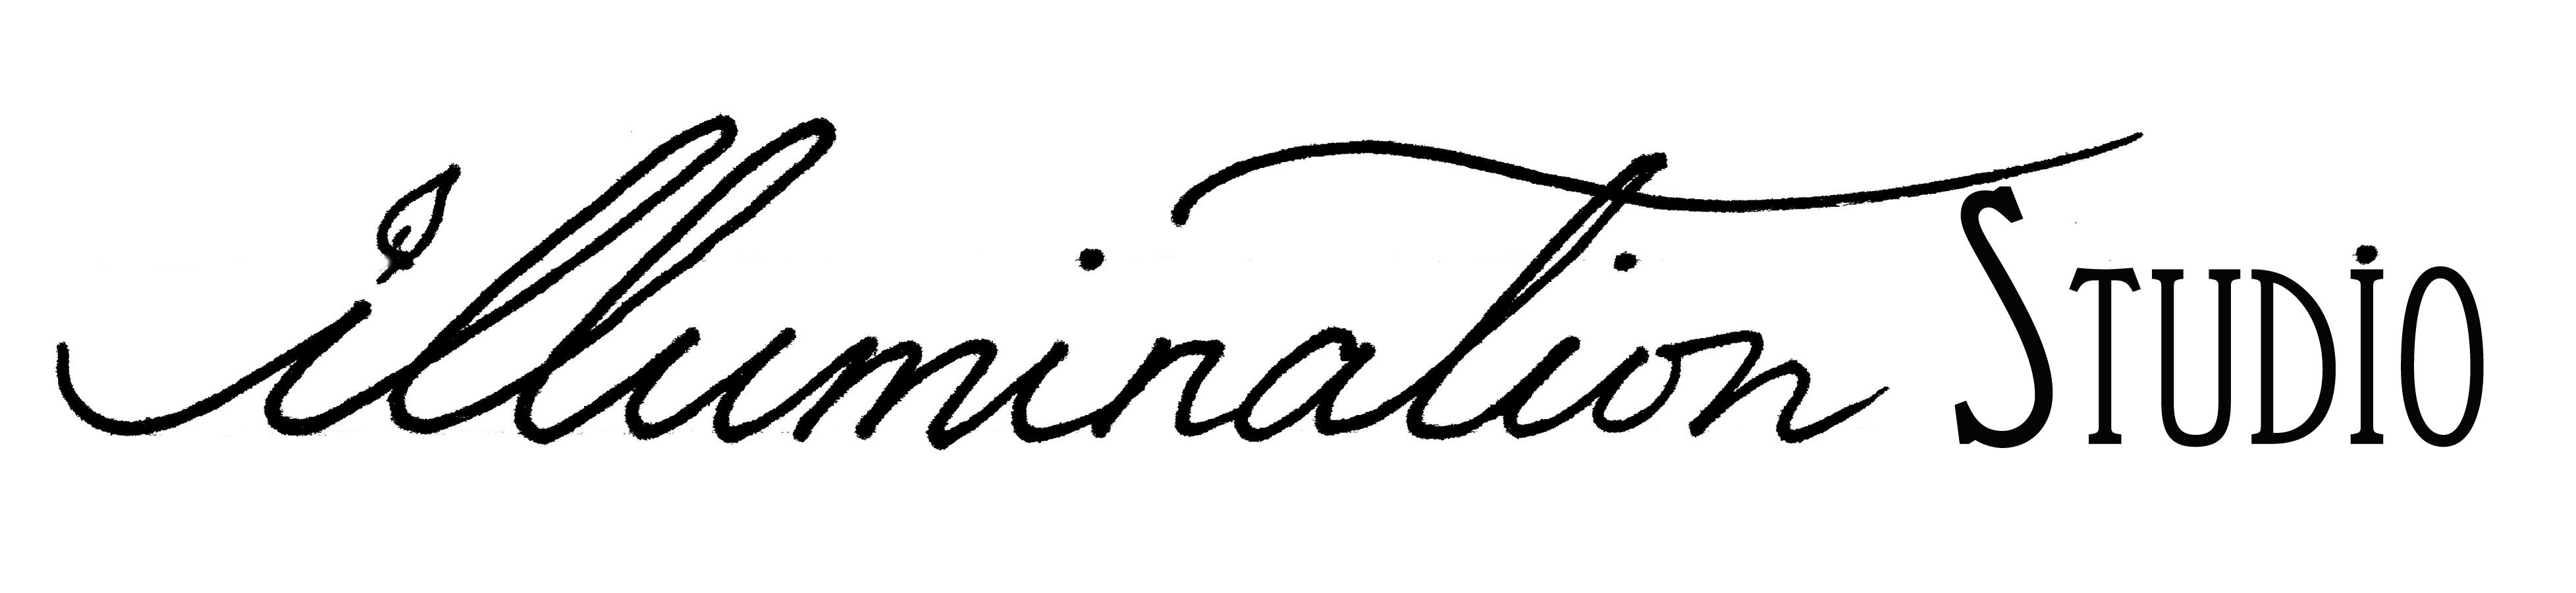 Erin Parks's Signature